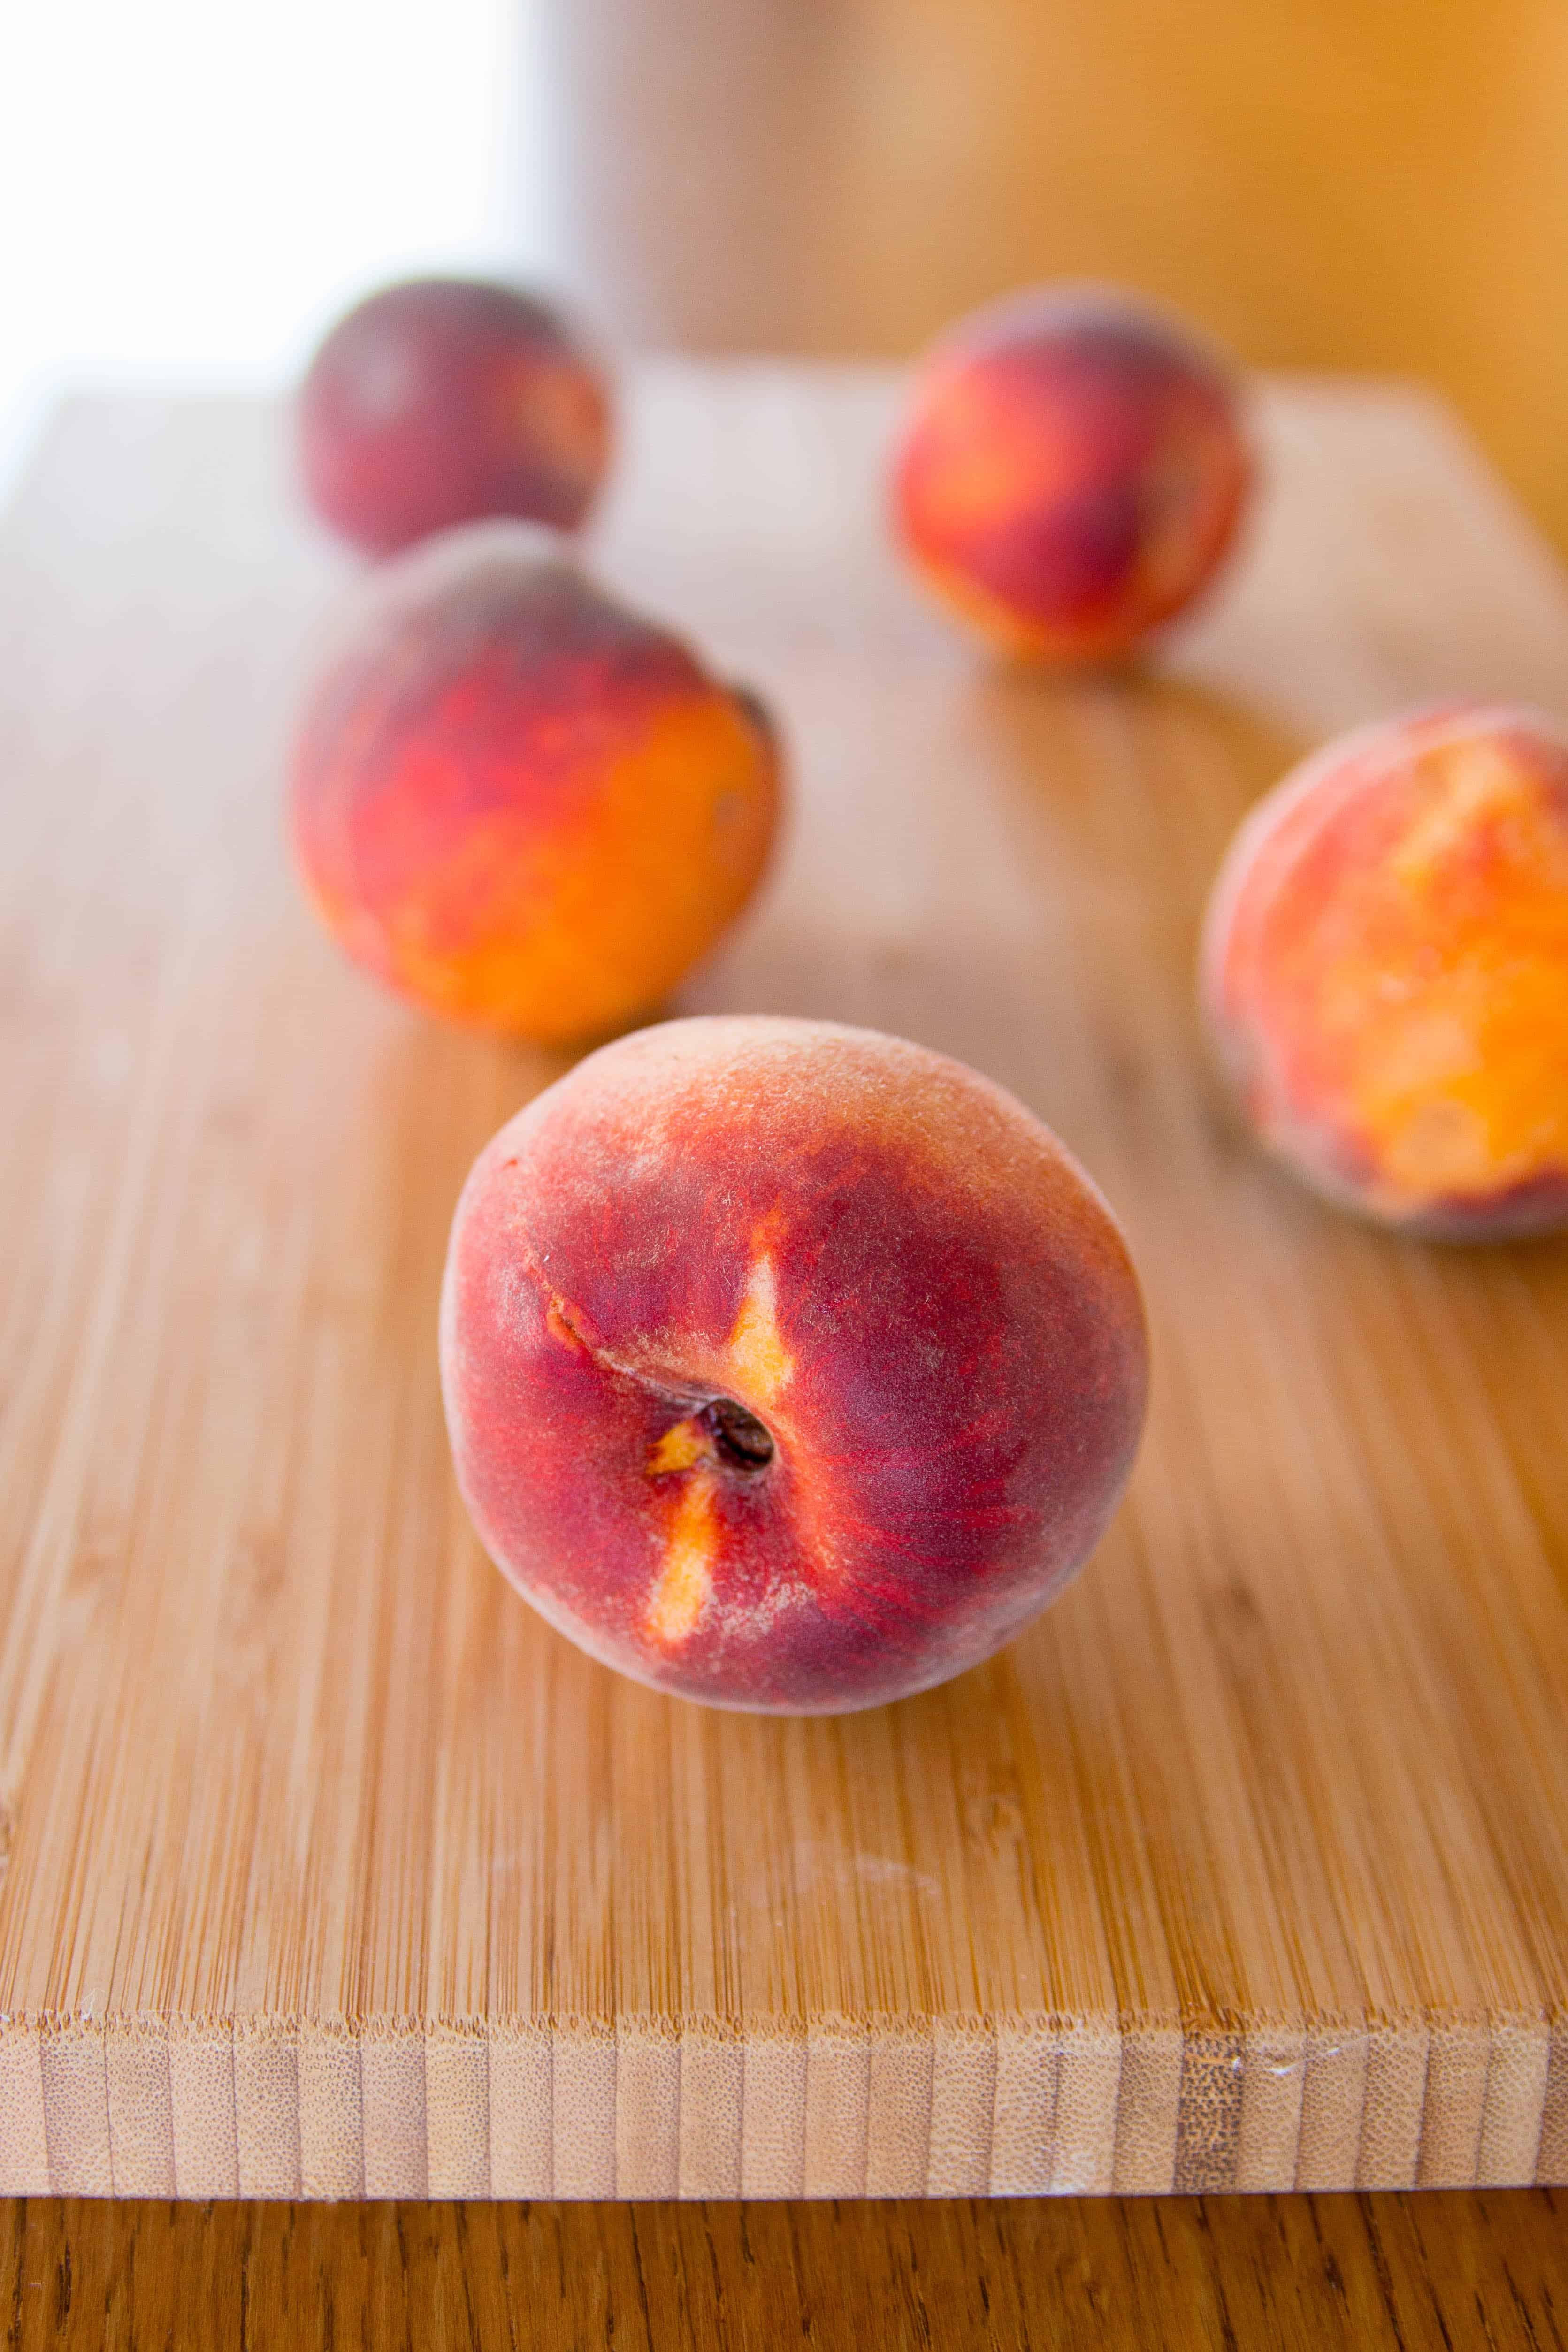 ff-peaches-and-cream-8145